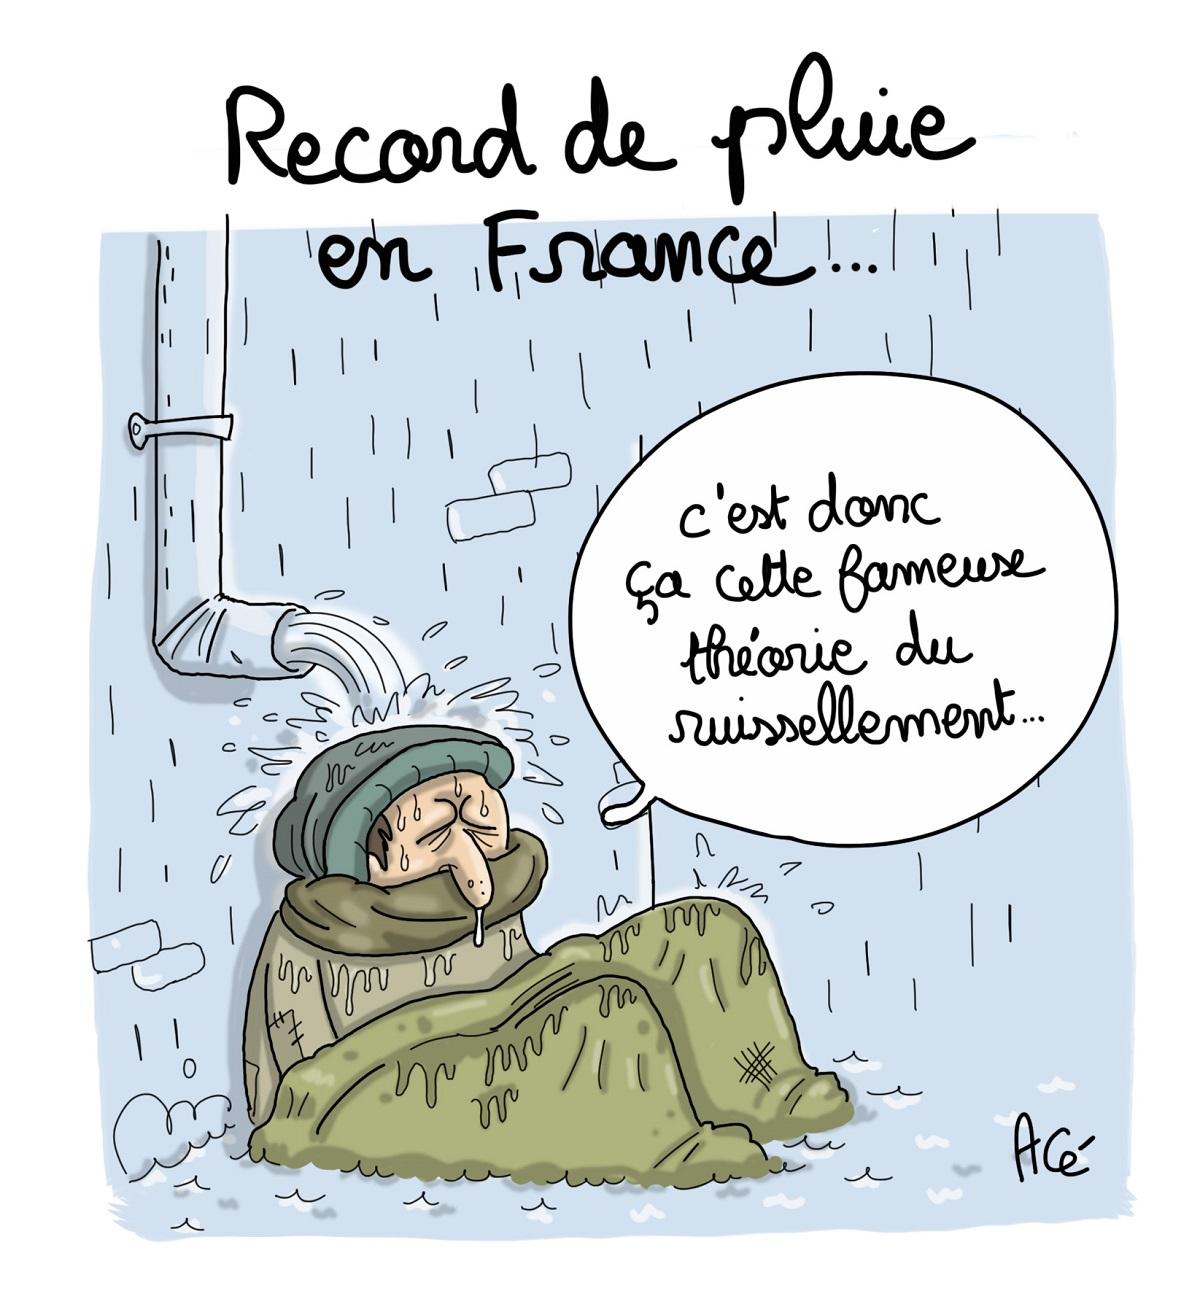 dessin d'actualité humoristique de la pluie qui ruisselle sur un sans-abri illustrant la théorie du ruissellement